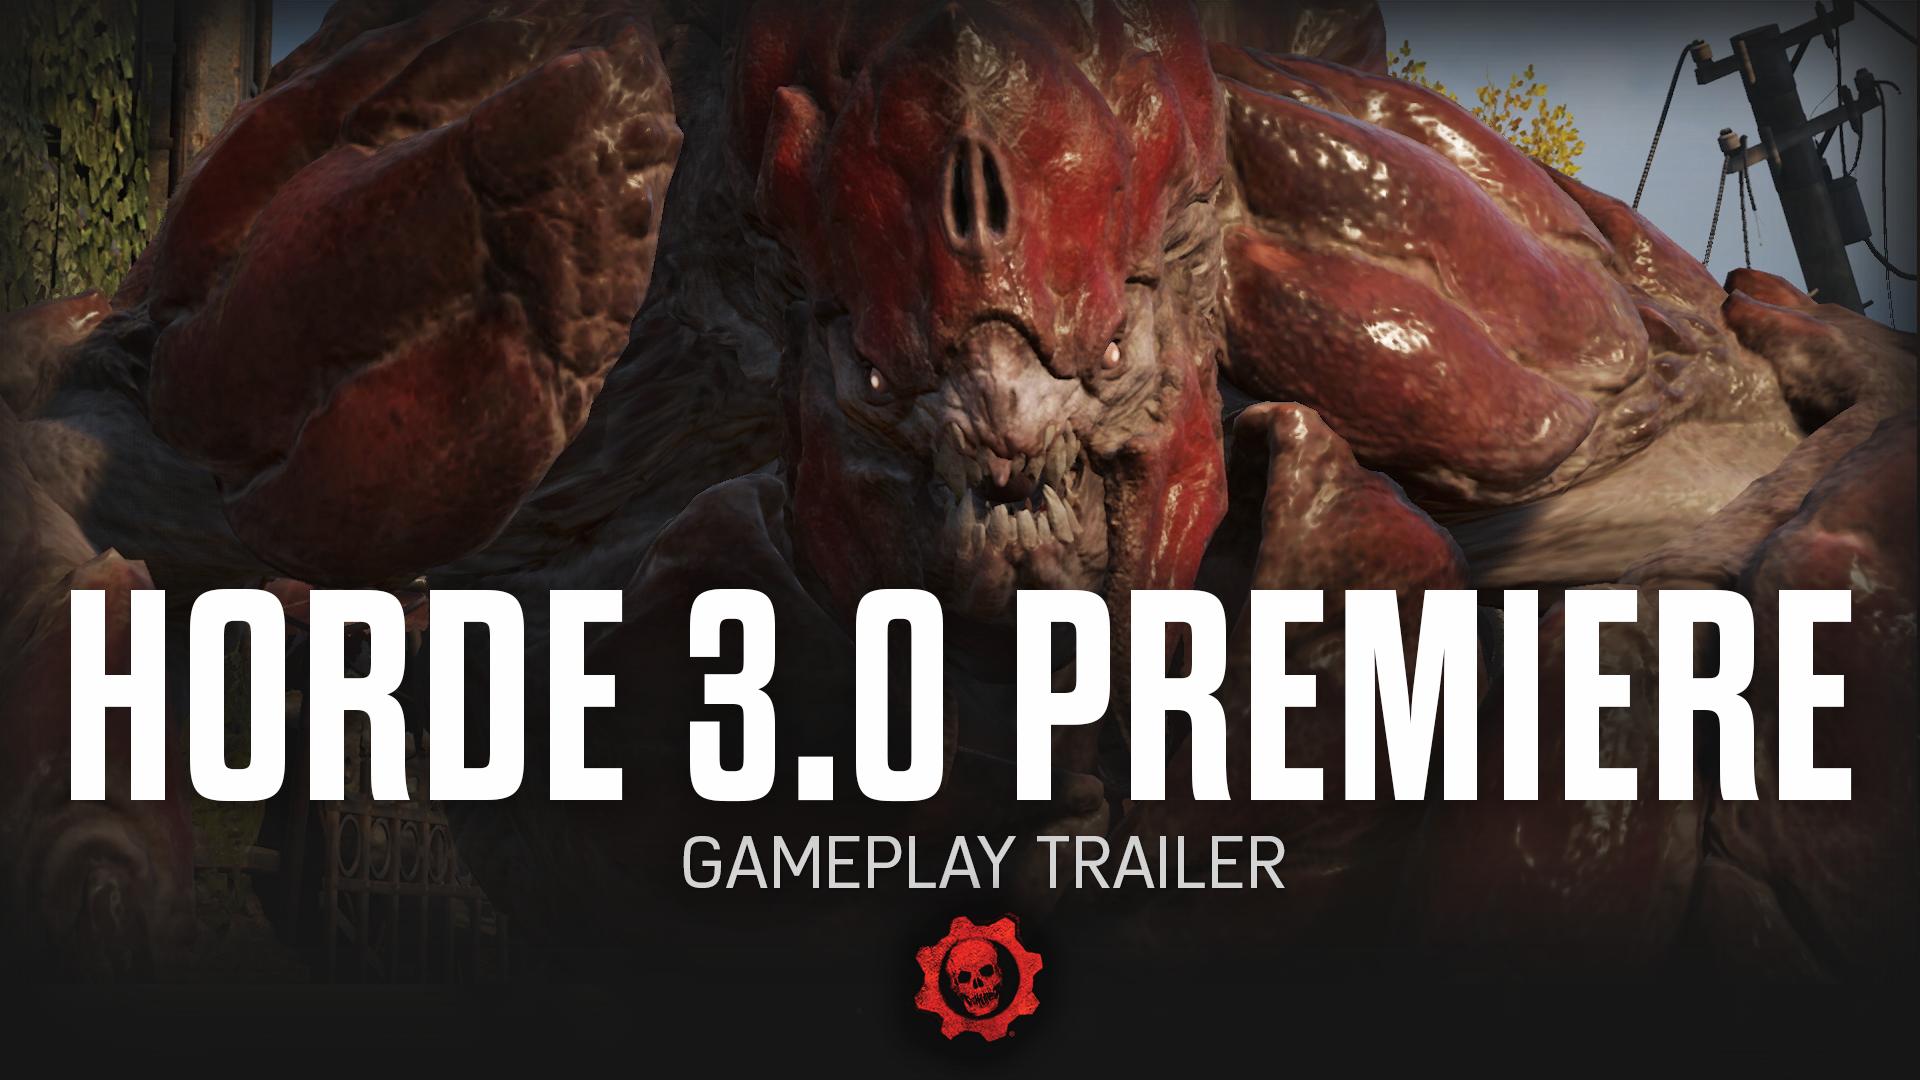 Gears of War 4 Horde Trailer